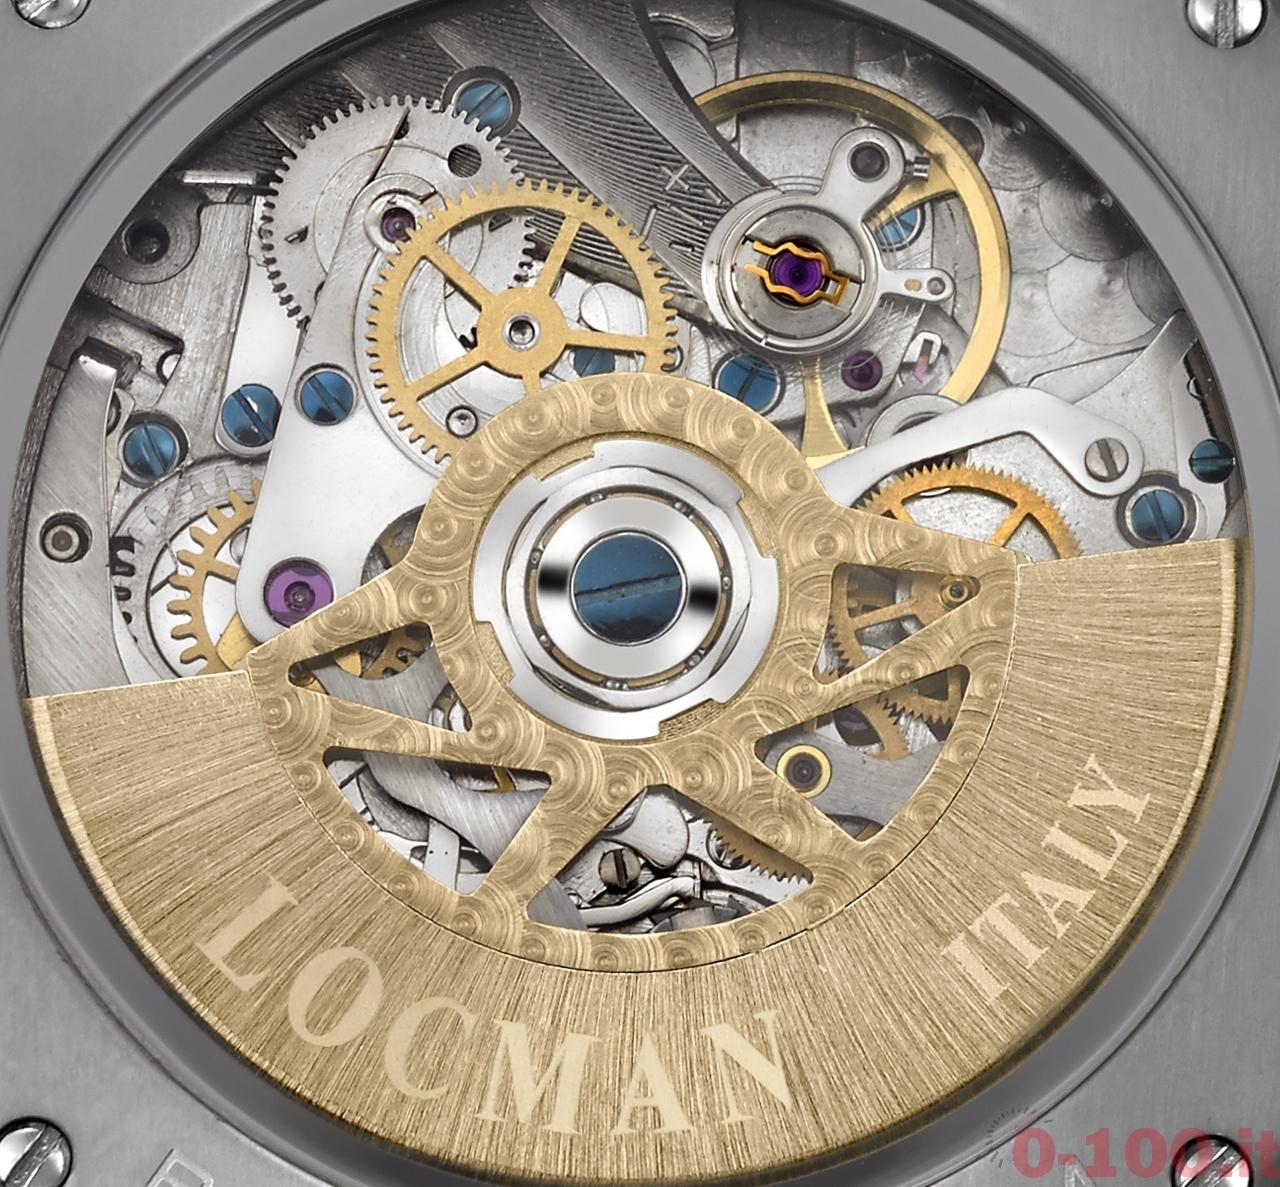 anteprima-baselworld-2014-locman-montecristo-cronografo-automatico-prezzo-price_0-1008